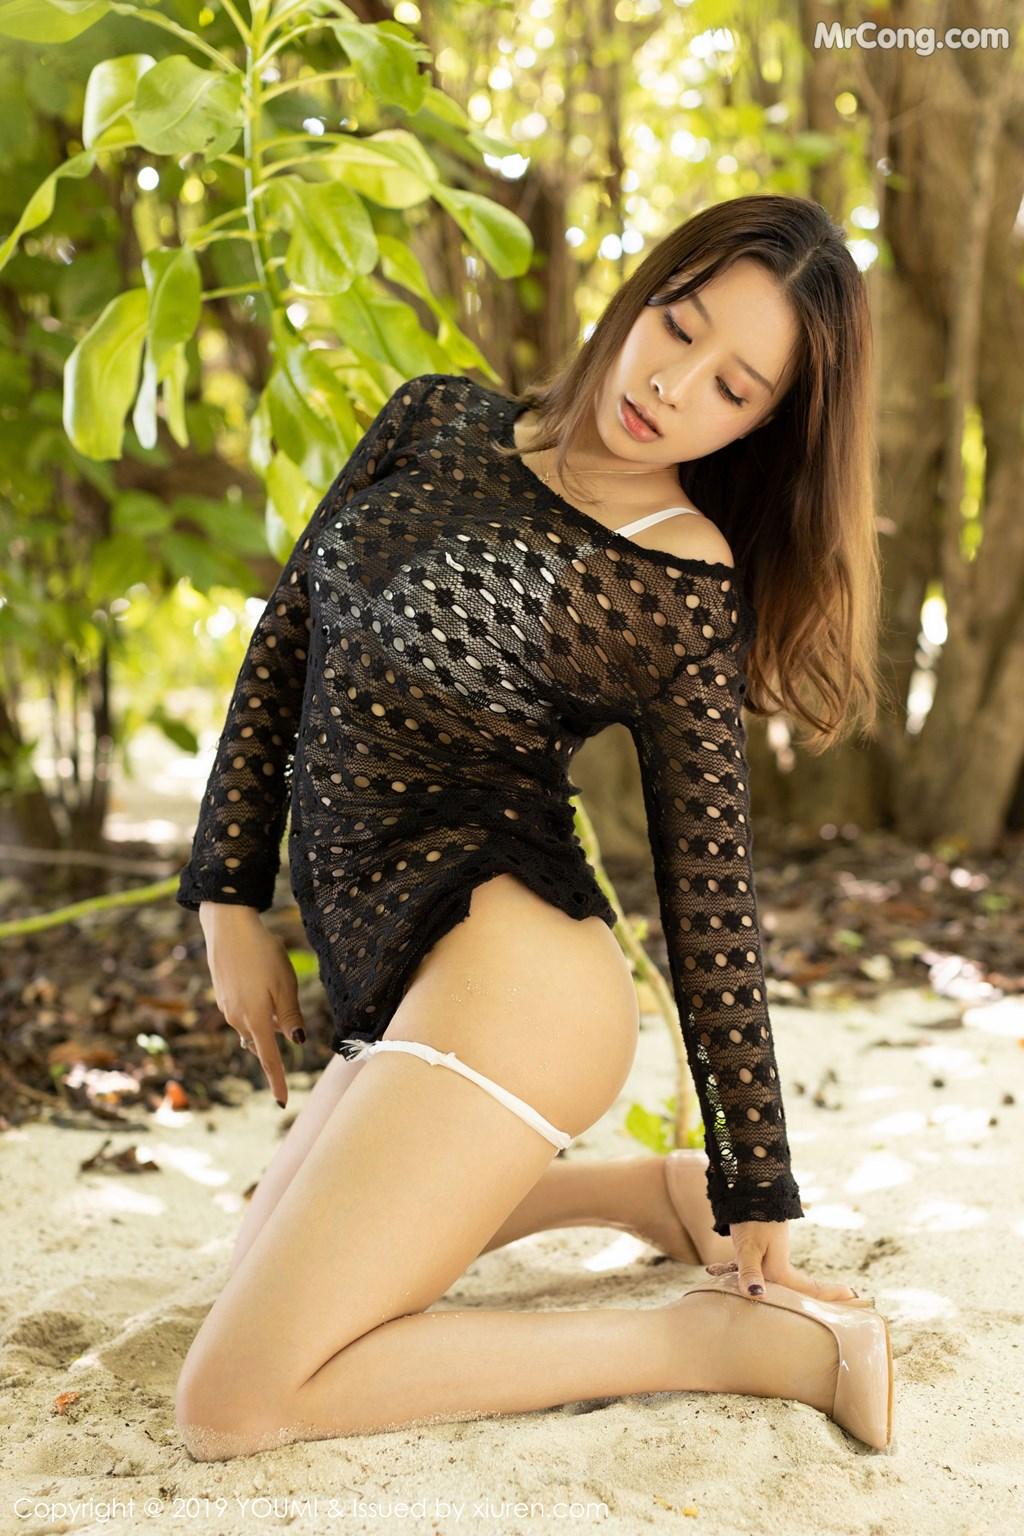 Image YouMi-Vol.377-Xiao-Hui-MrCong.com-006 in post YouMi Vol.377: Xiao Hui (筱慧) (51 ảnh)